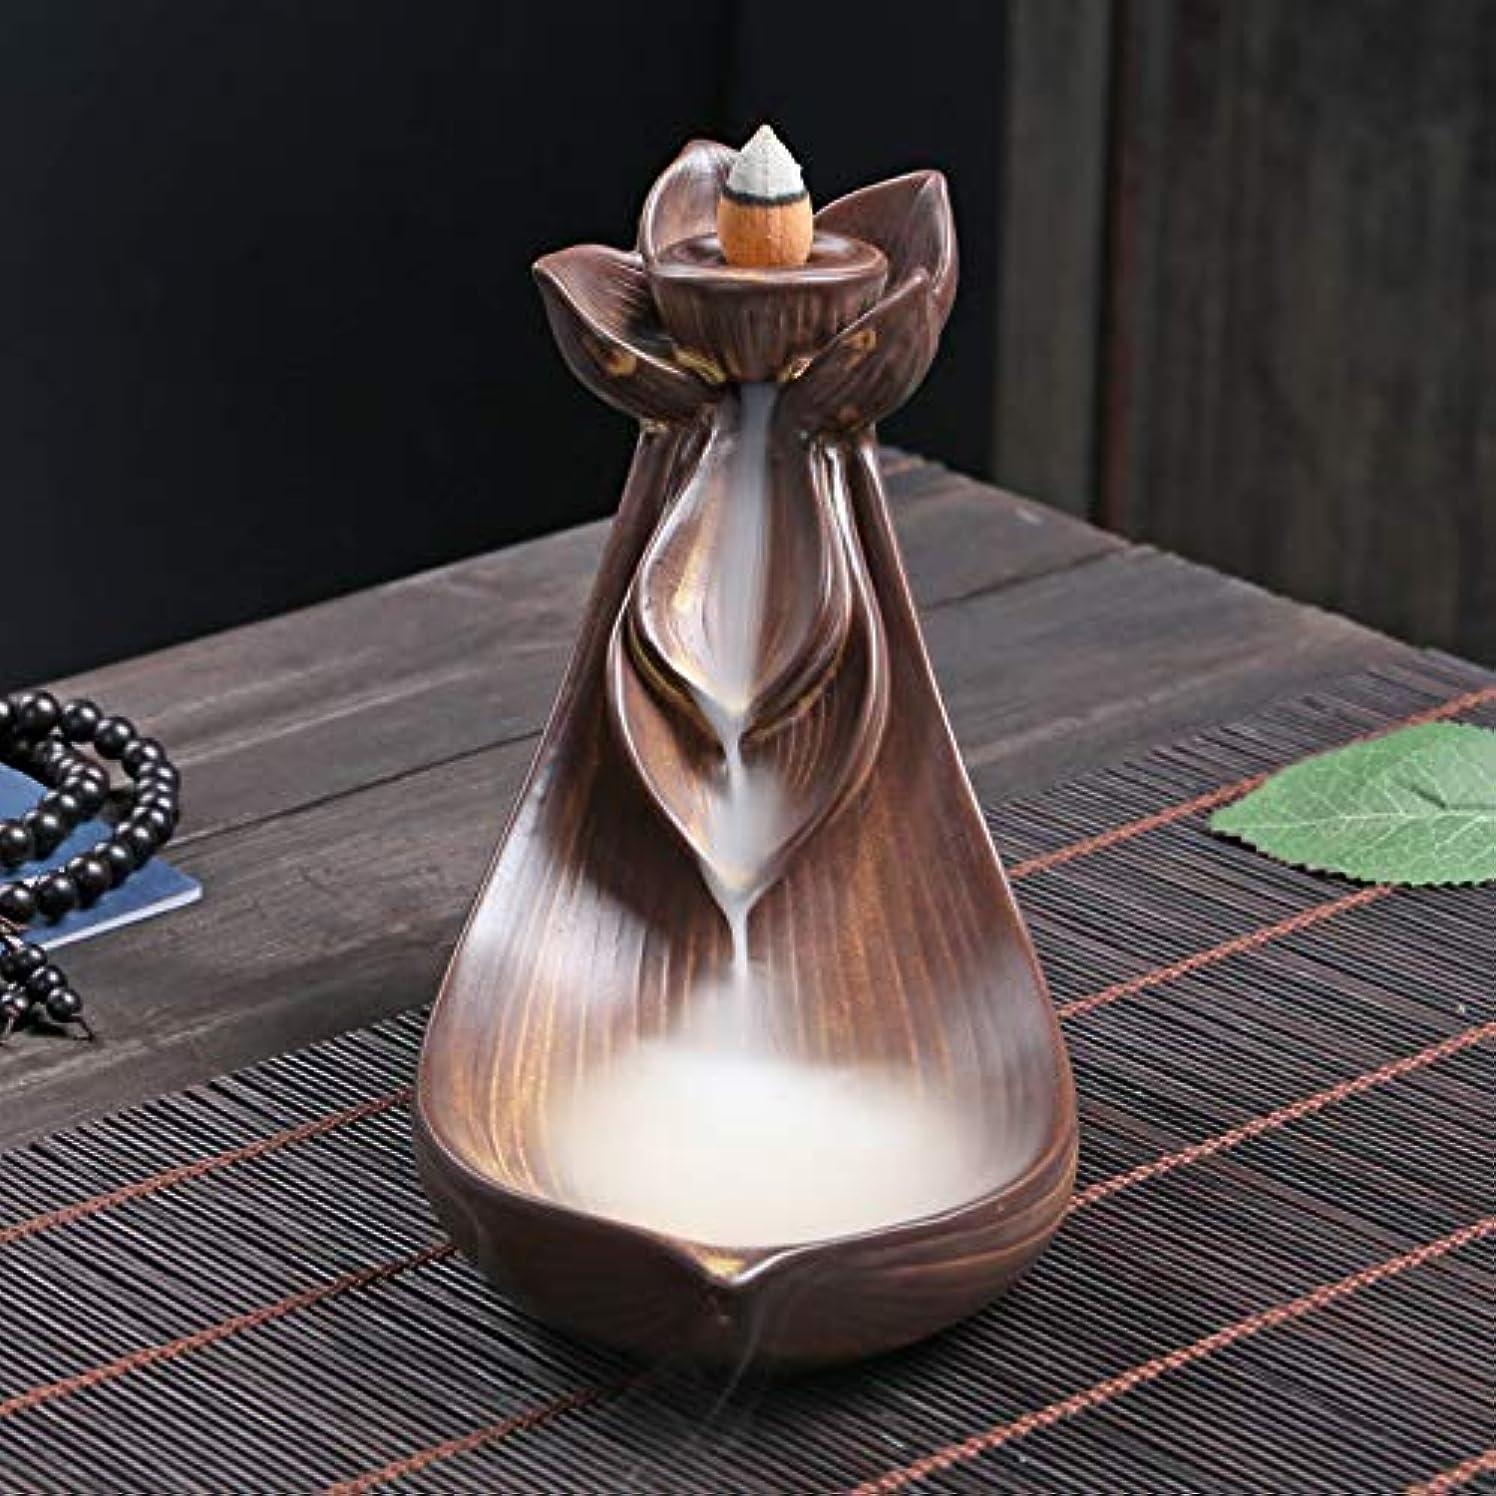 ゆるいアームストロング着実にPHILOGOD 陶器香炉 ロータススタイリング逆流香炉 倒流香 お香 ホルダー 香立て (Small Lotus)